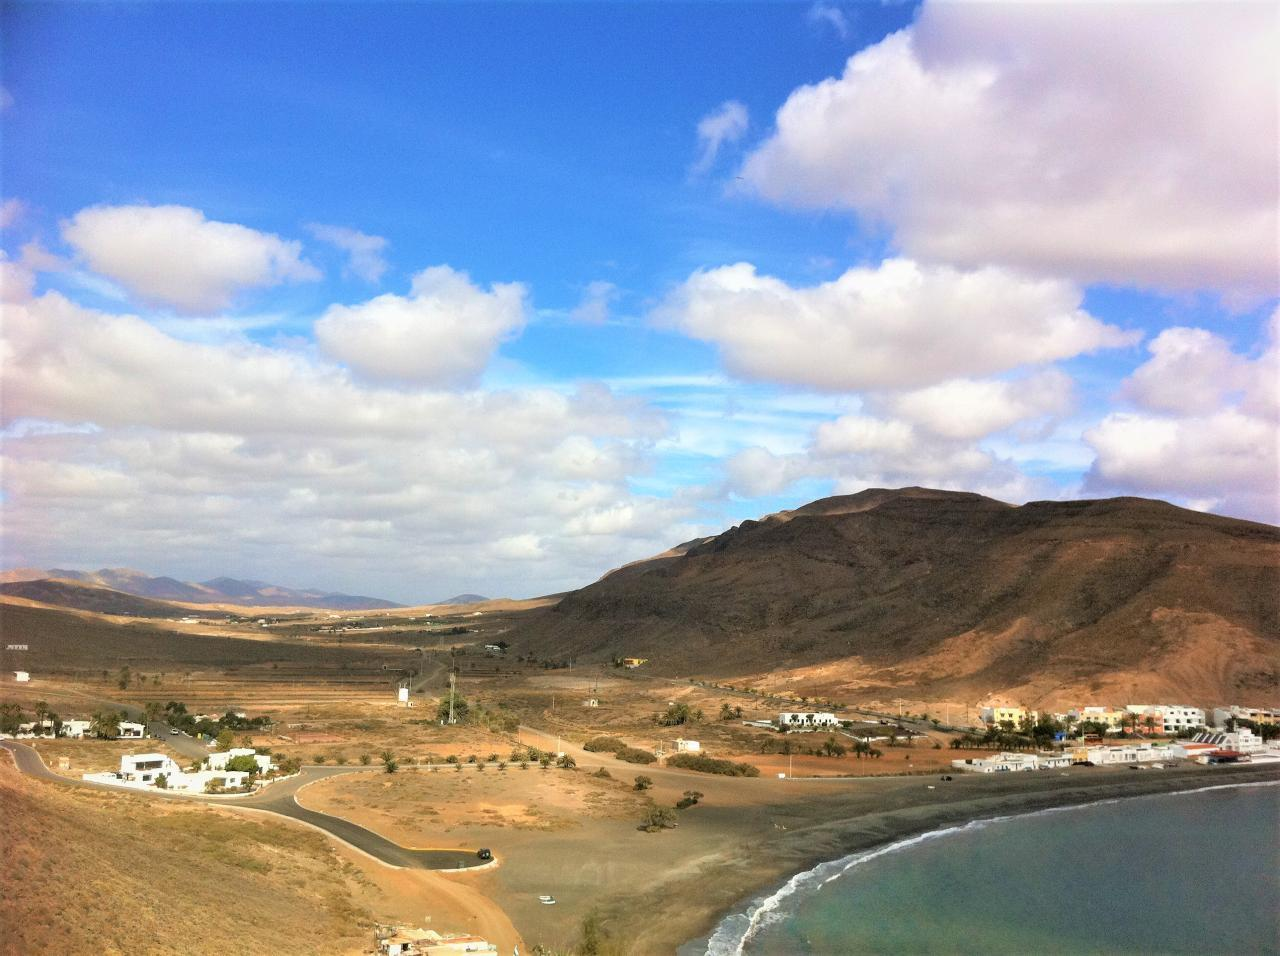 Ferienhaus Exklusive Villa in Strandnähe (642541), Giniginamar, Fuerteventura, Kanarische Inseln, Spanien, Bild 50